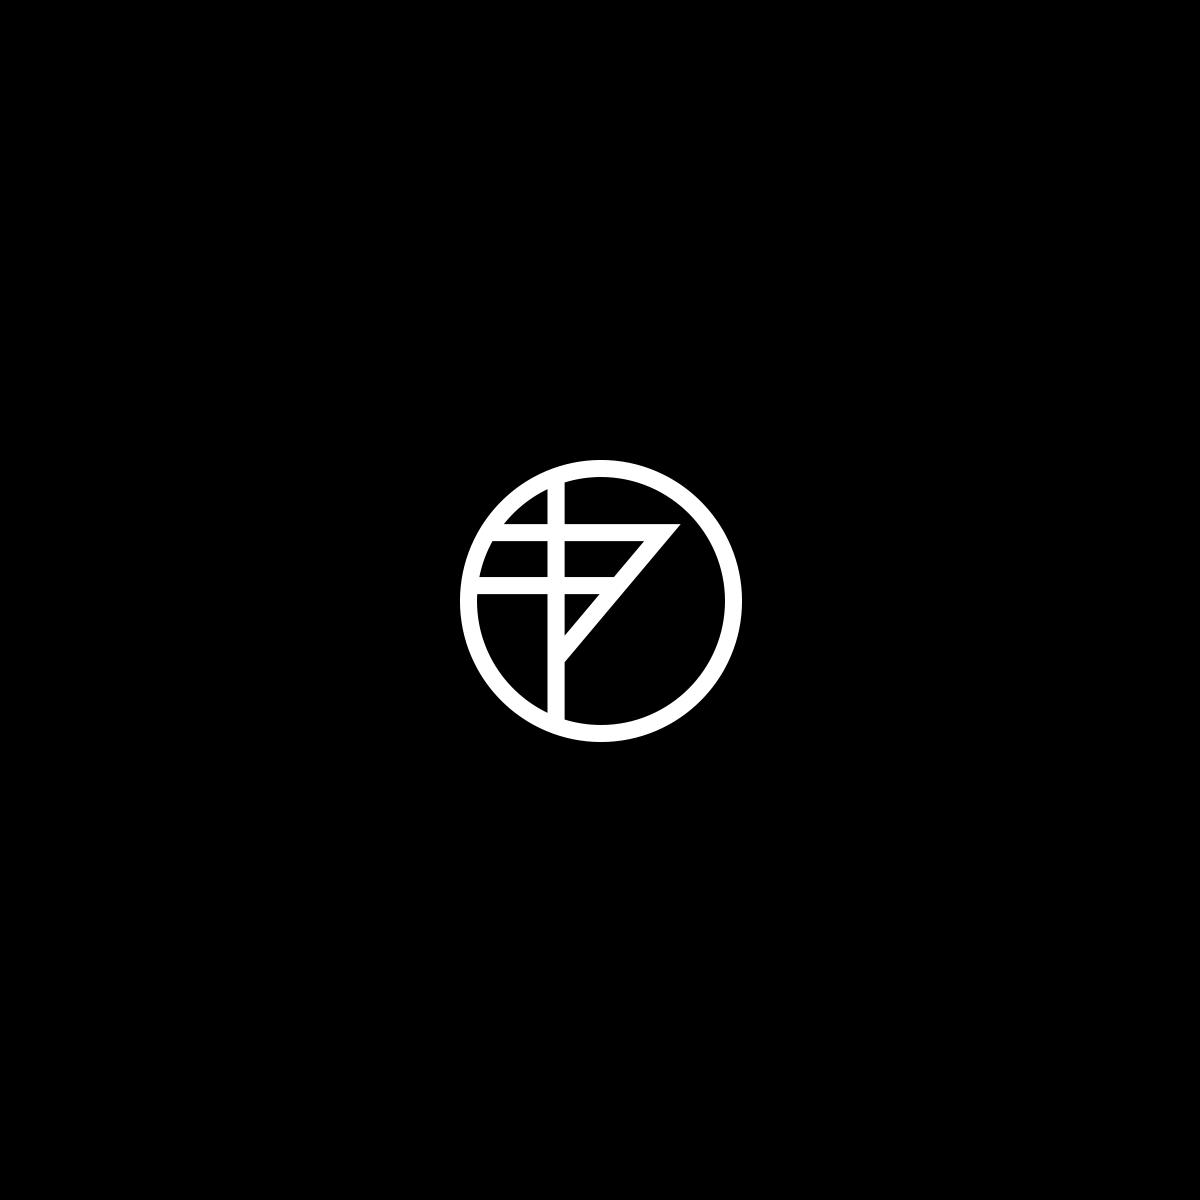 logocollection-v2-21